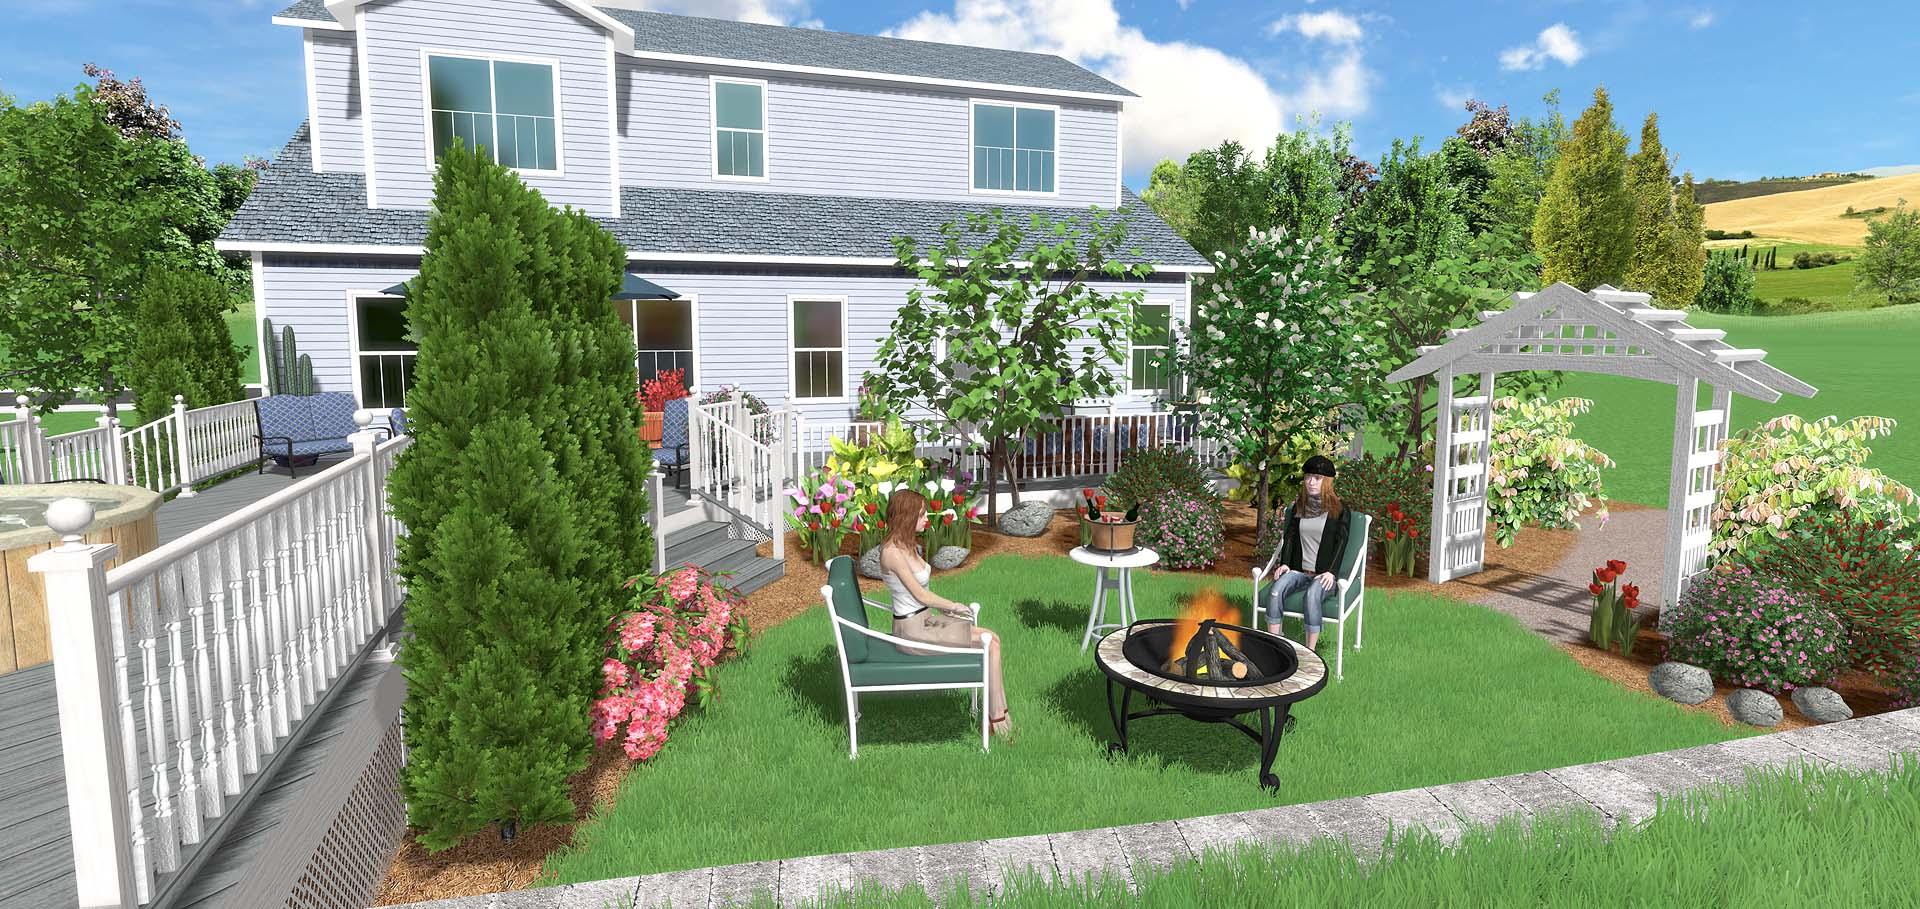 Landscape Design Software - Pro